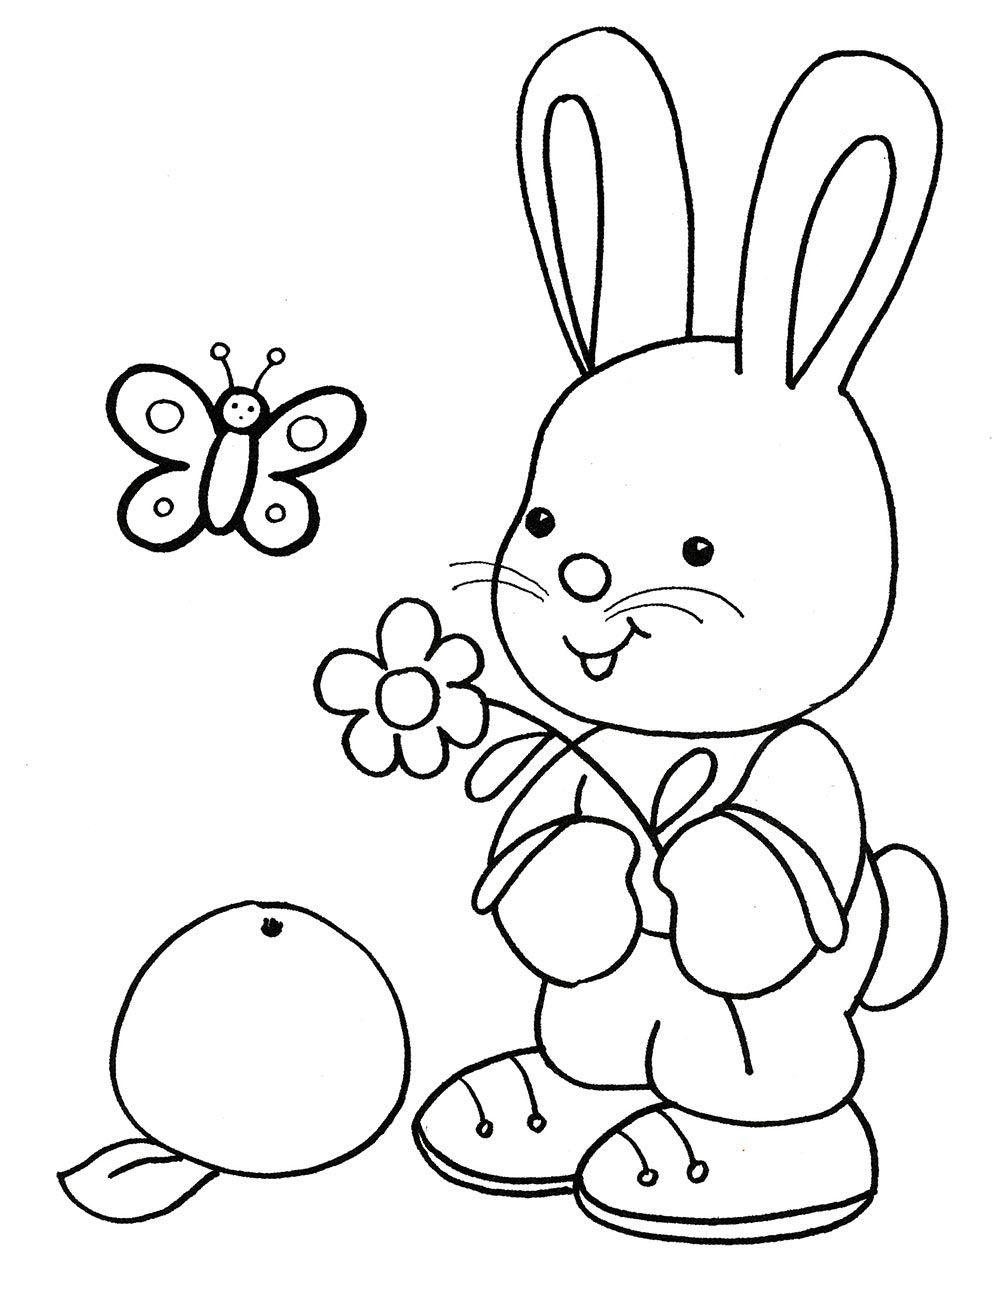 Раскраски для мальчиков 3-4 года | Раскраски для мальчиков